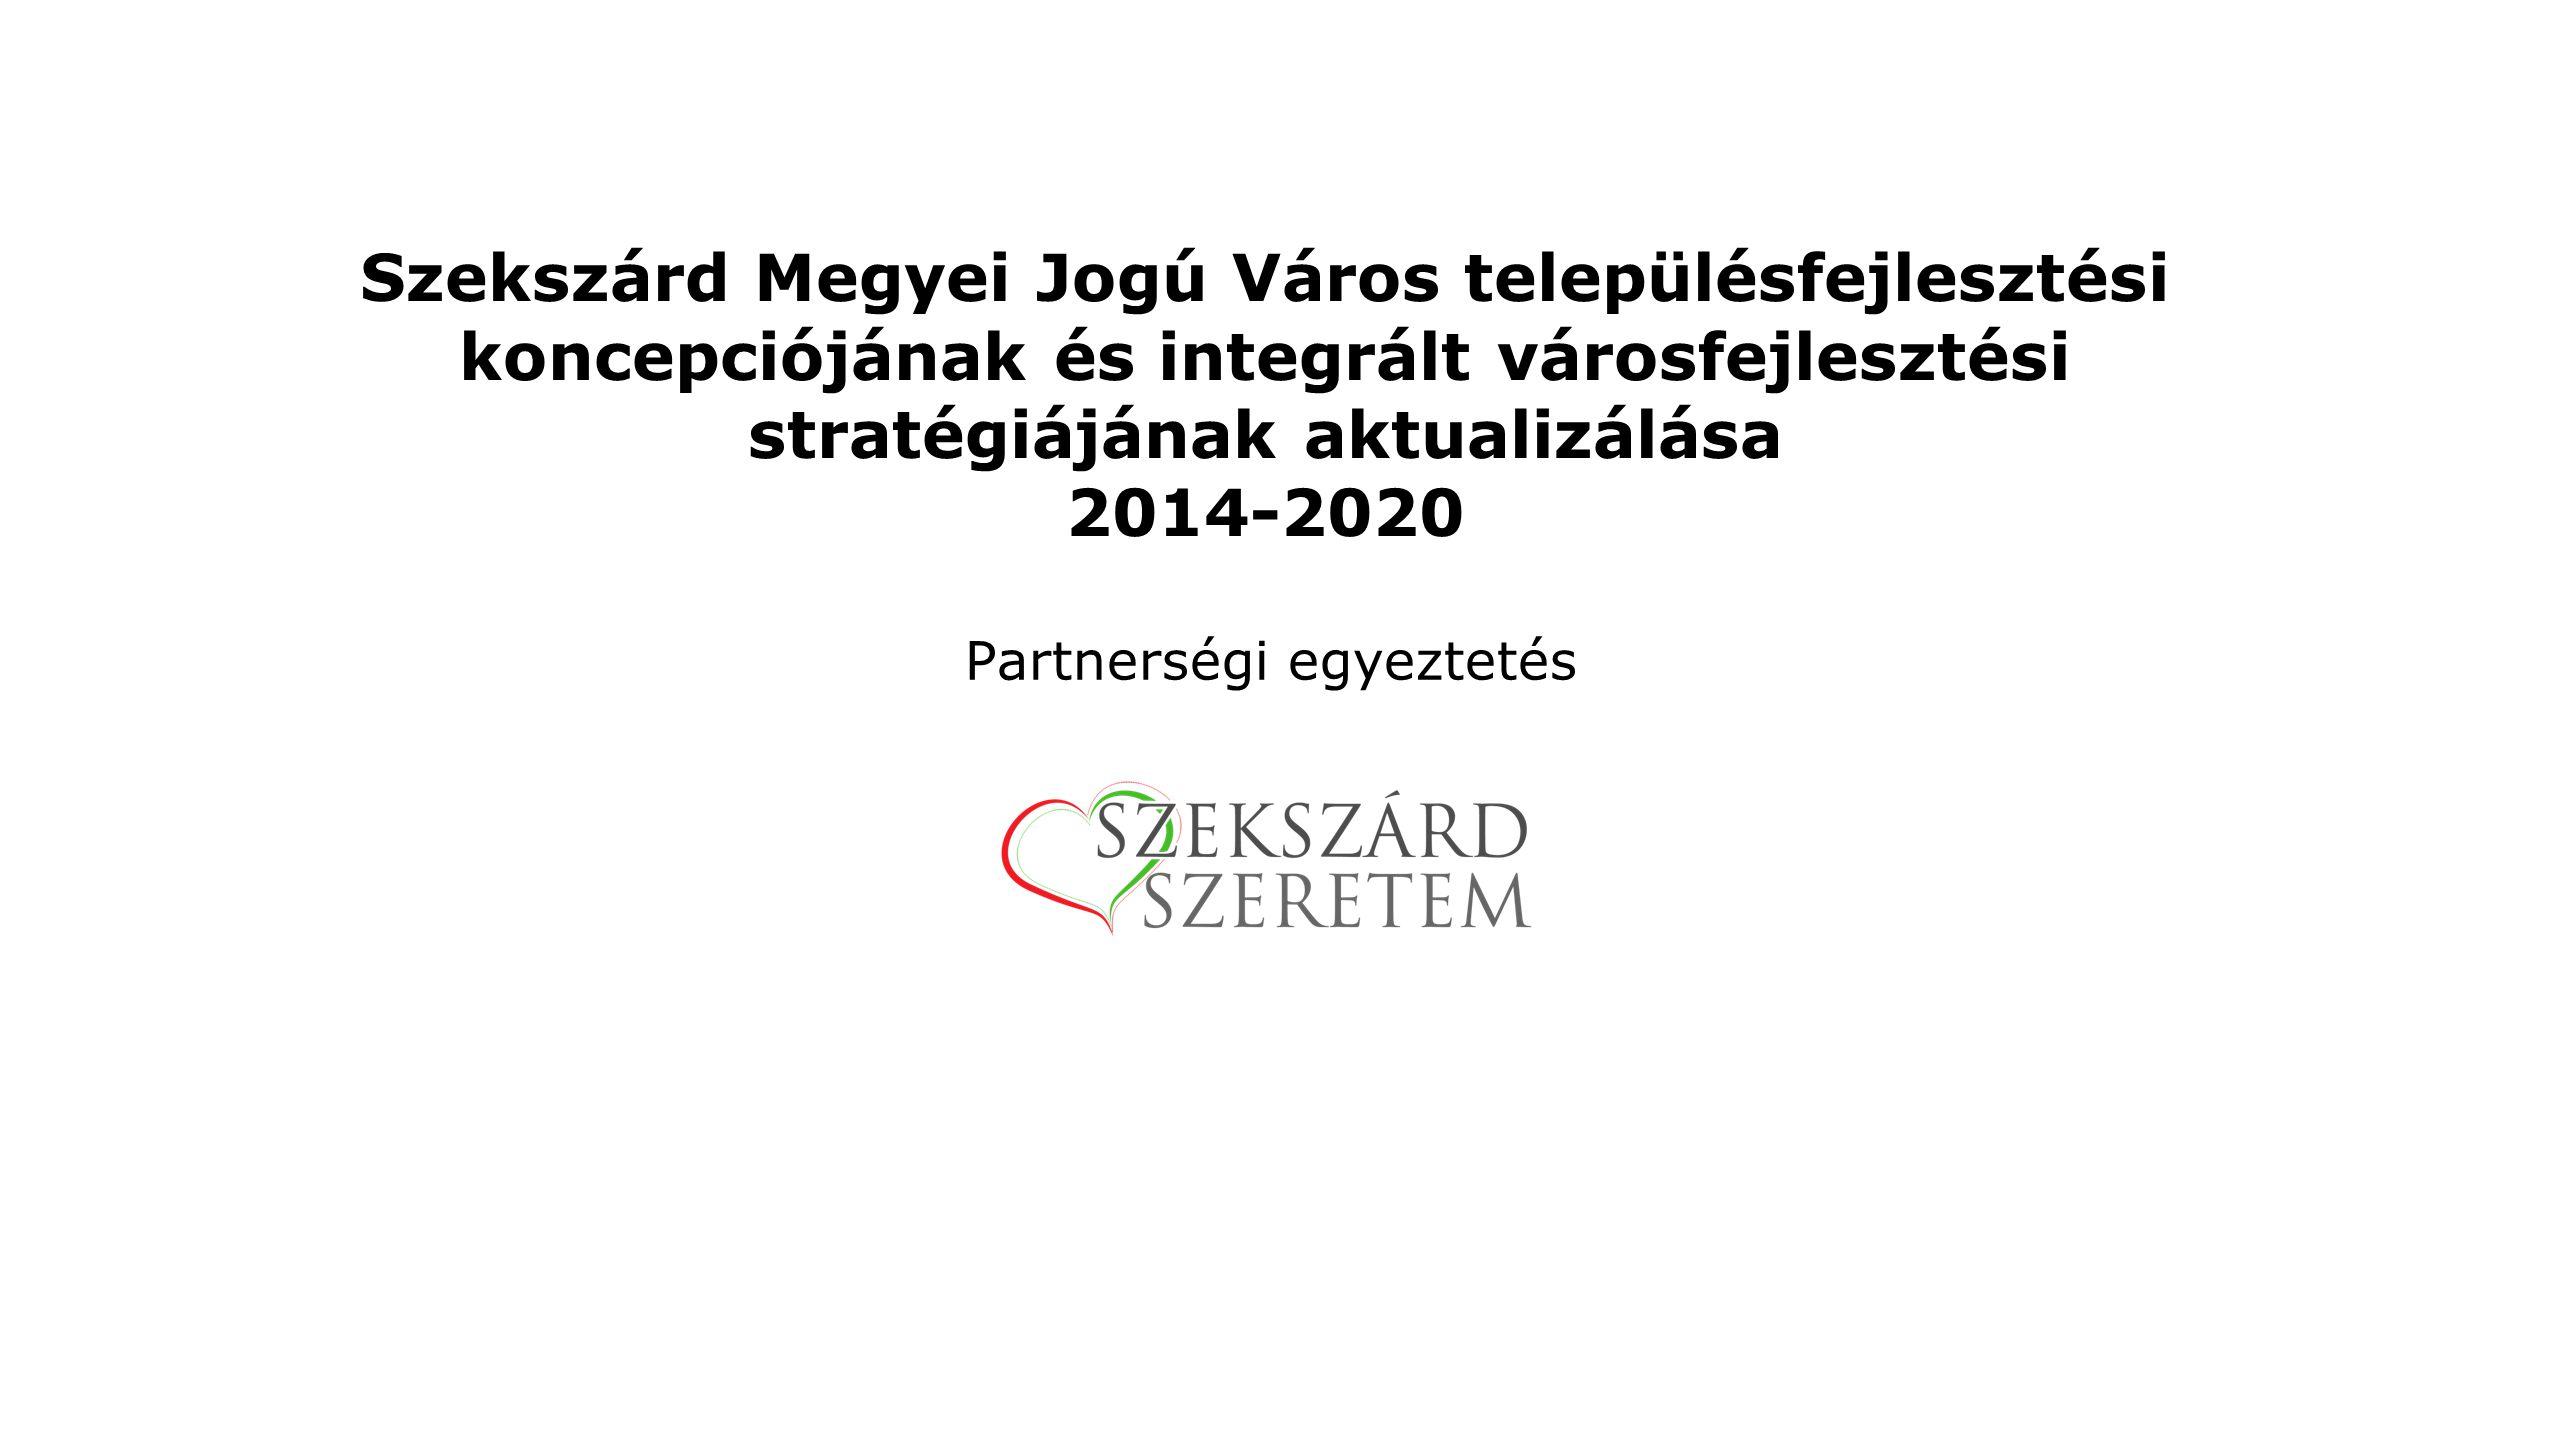 Szekszárd Megyei Jogú Város településfejlesztési koncepciójának és integrált városfejlesztési stratégiájának aktualizálása 2014-2020